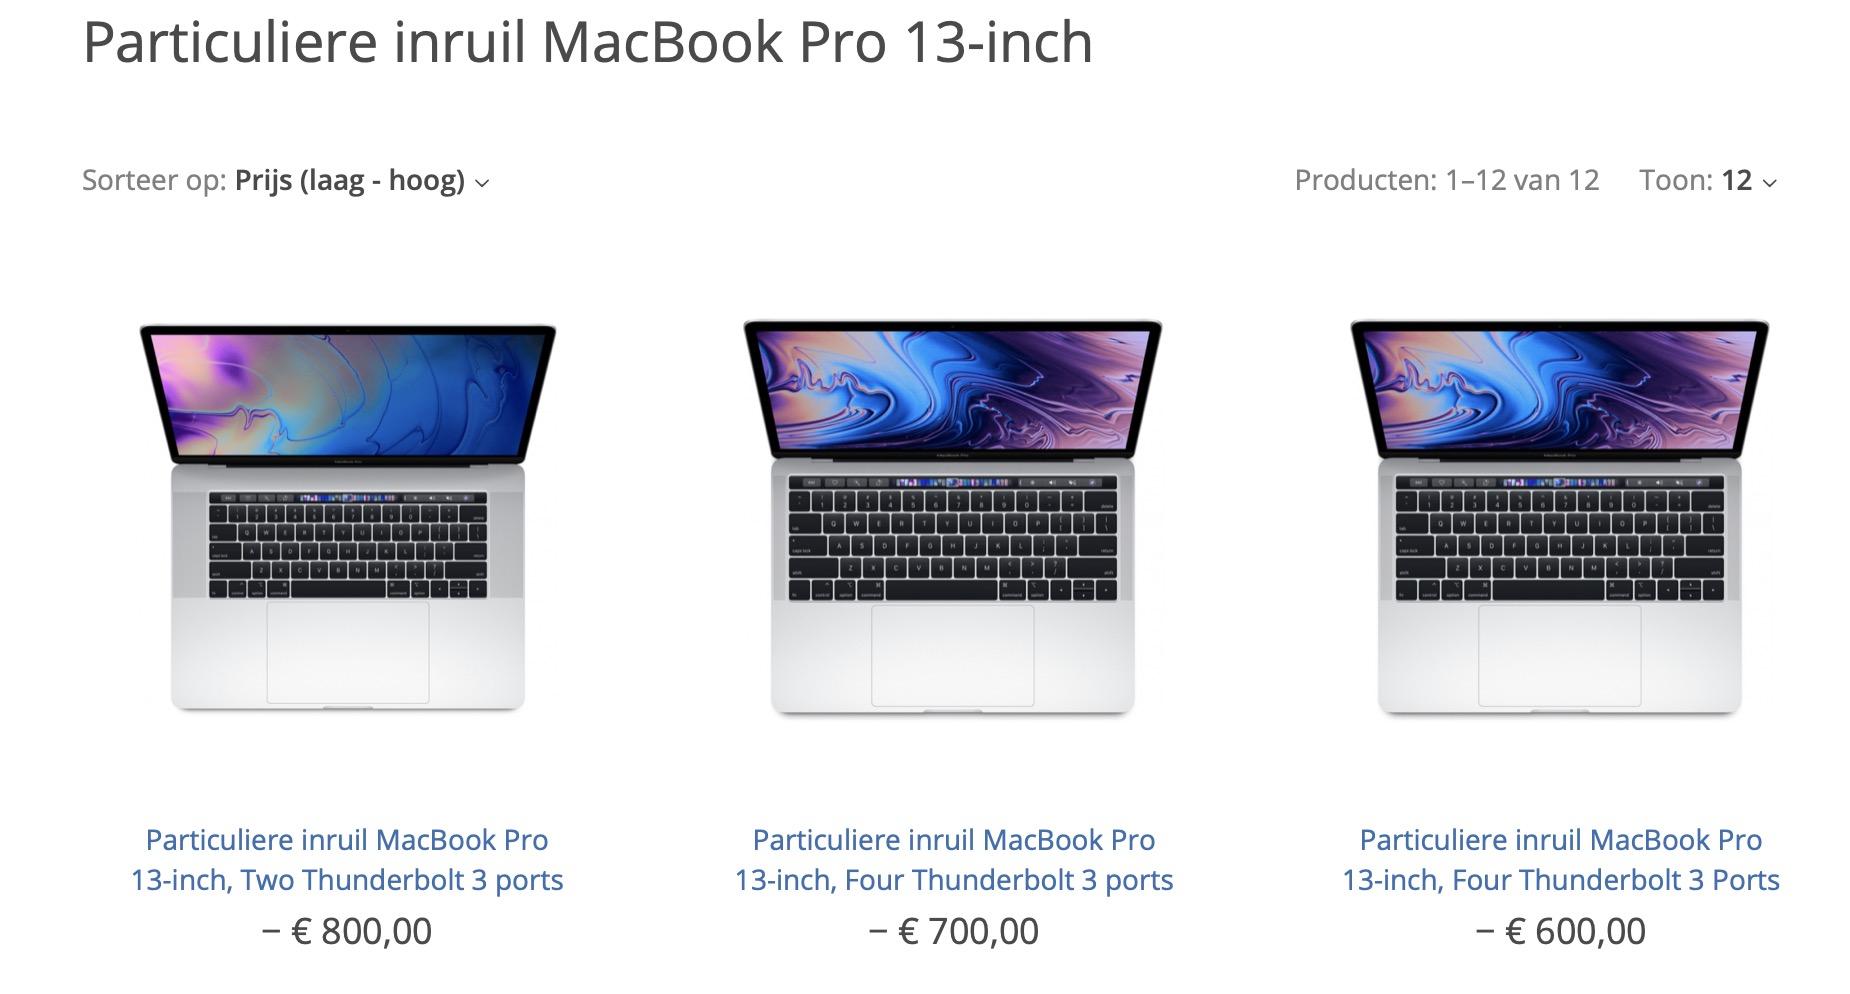 https://www.macfreak.nl/modules/news/images/zArt.ParticuliereInruilMacBookPro13-inch.jpg